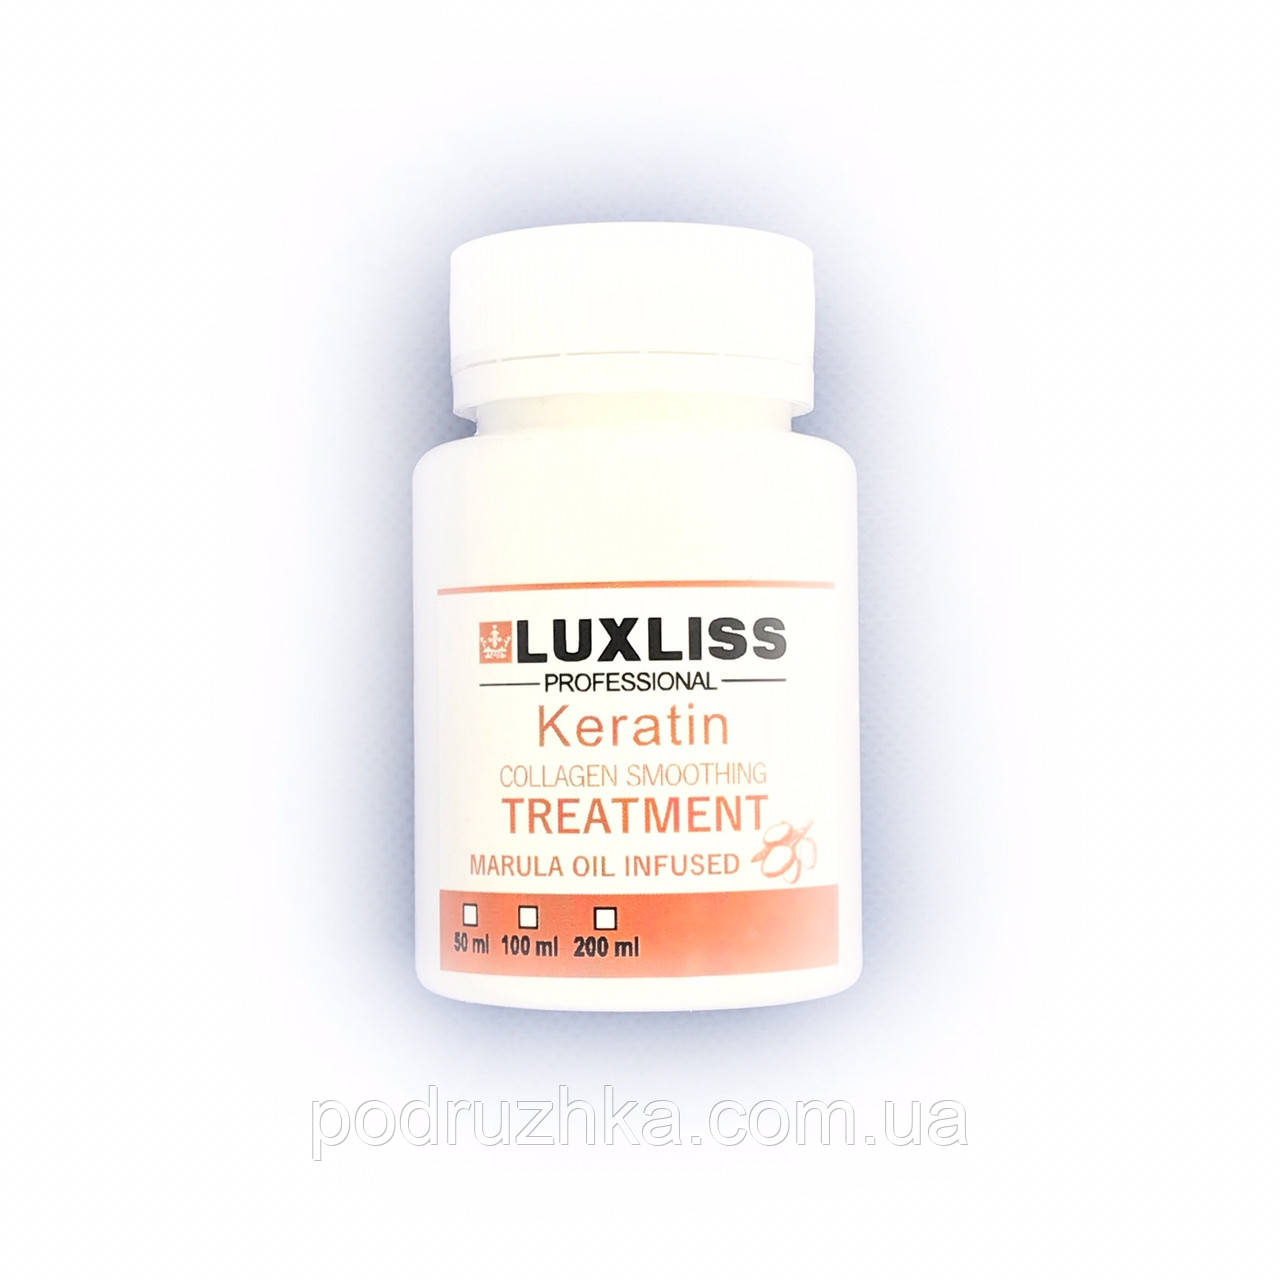 Luxliss Collagen Smoothing Repair System Кератин для выпрямления волос, 100 мл (разлив)